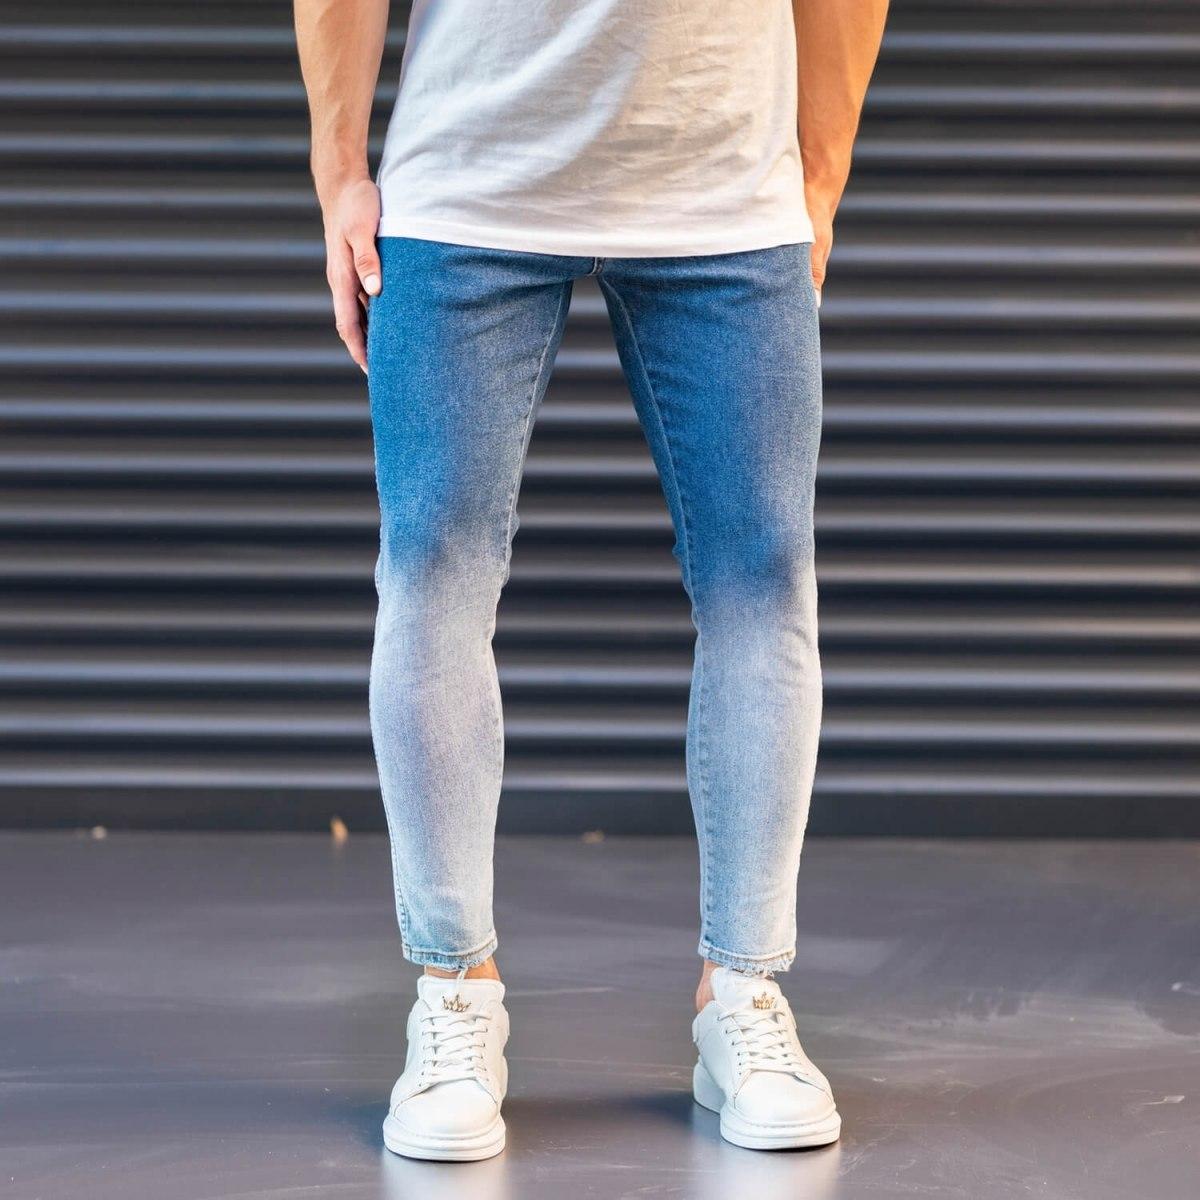 Men's Jeans In Denim&Powder Style Mv Premium Brand - 1